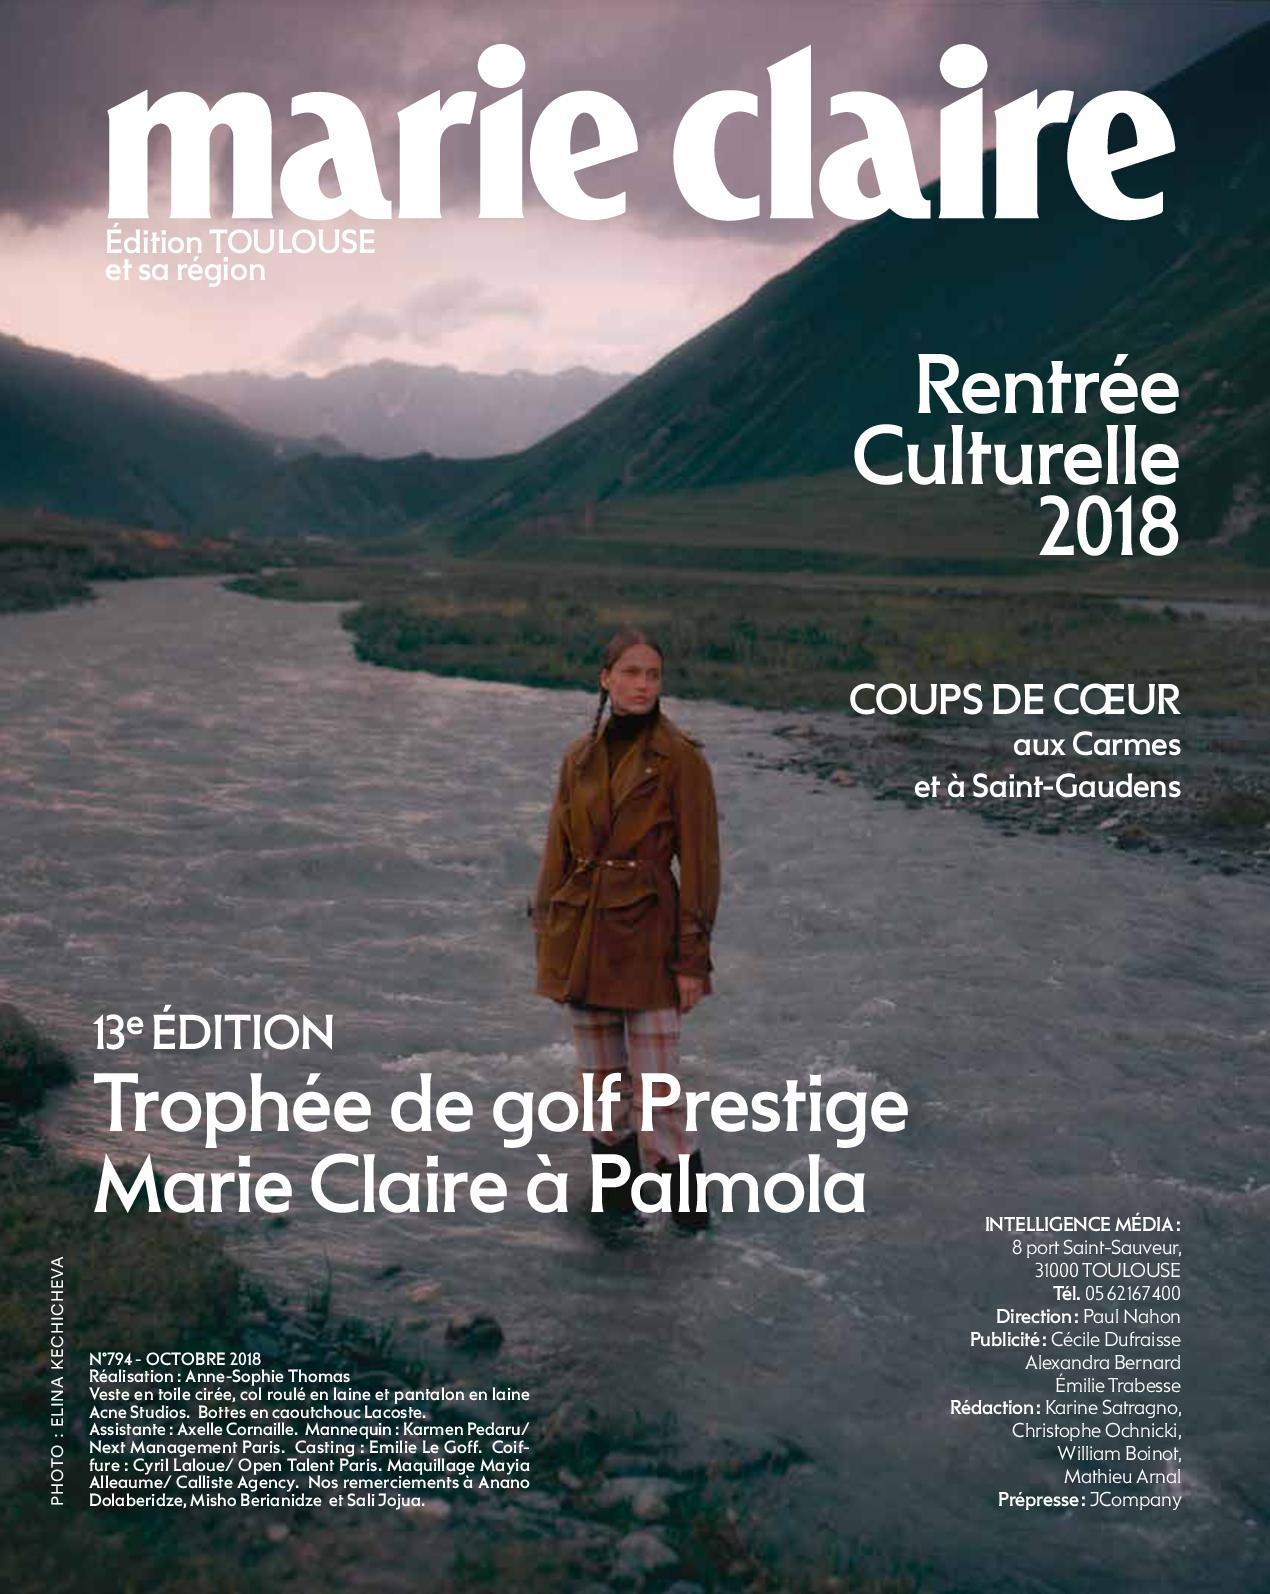 Calaméo - N°794 Marie Claire Midi Pyrénées Octobre 2018 b34caa63beb